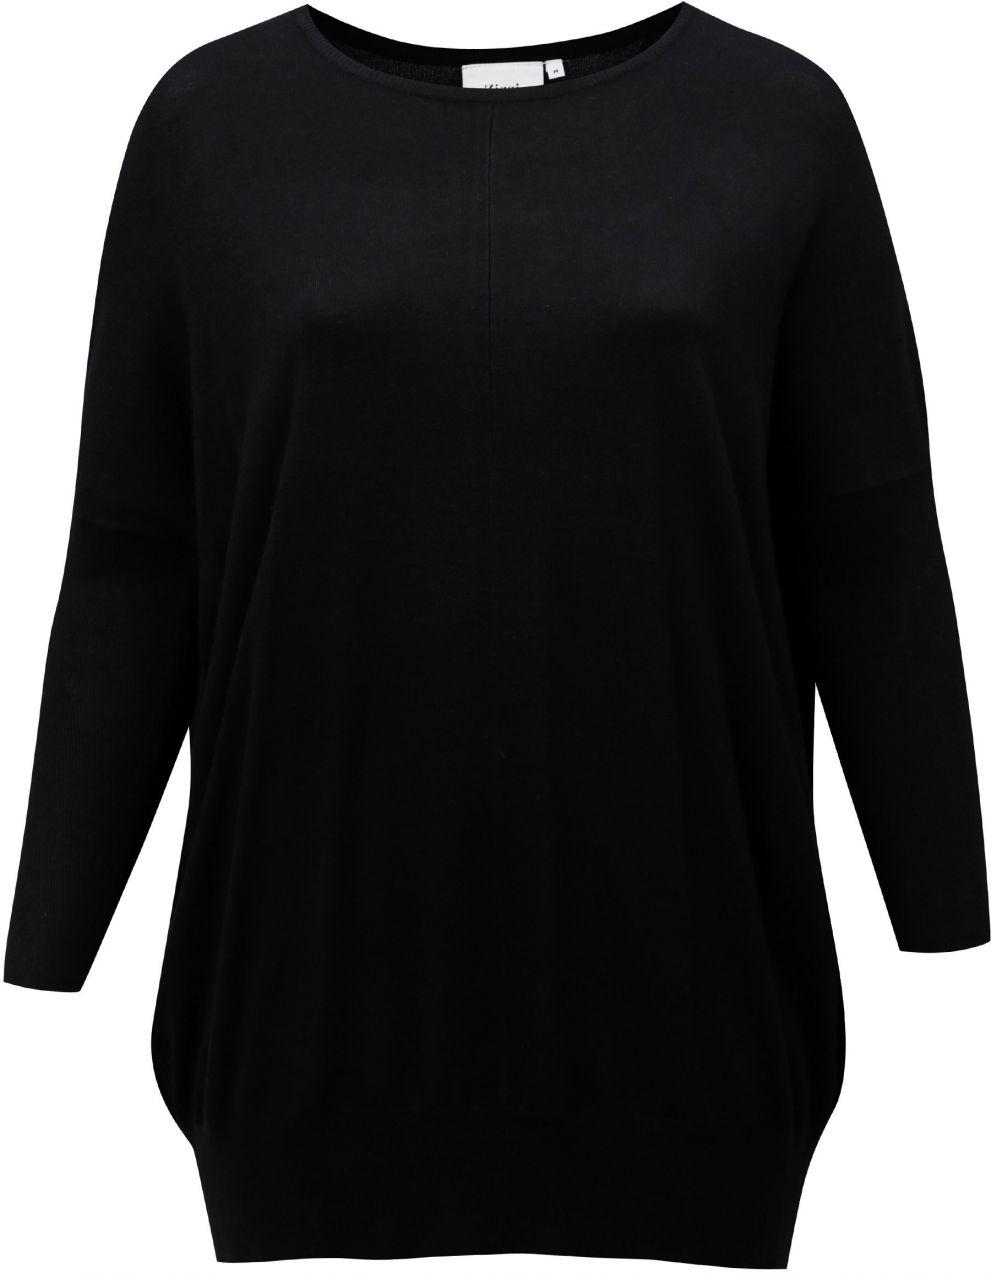 d525329d1c31 Čierny dlhý dámsky sveter Zizzi značky Zizzi - Lovely.sk